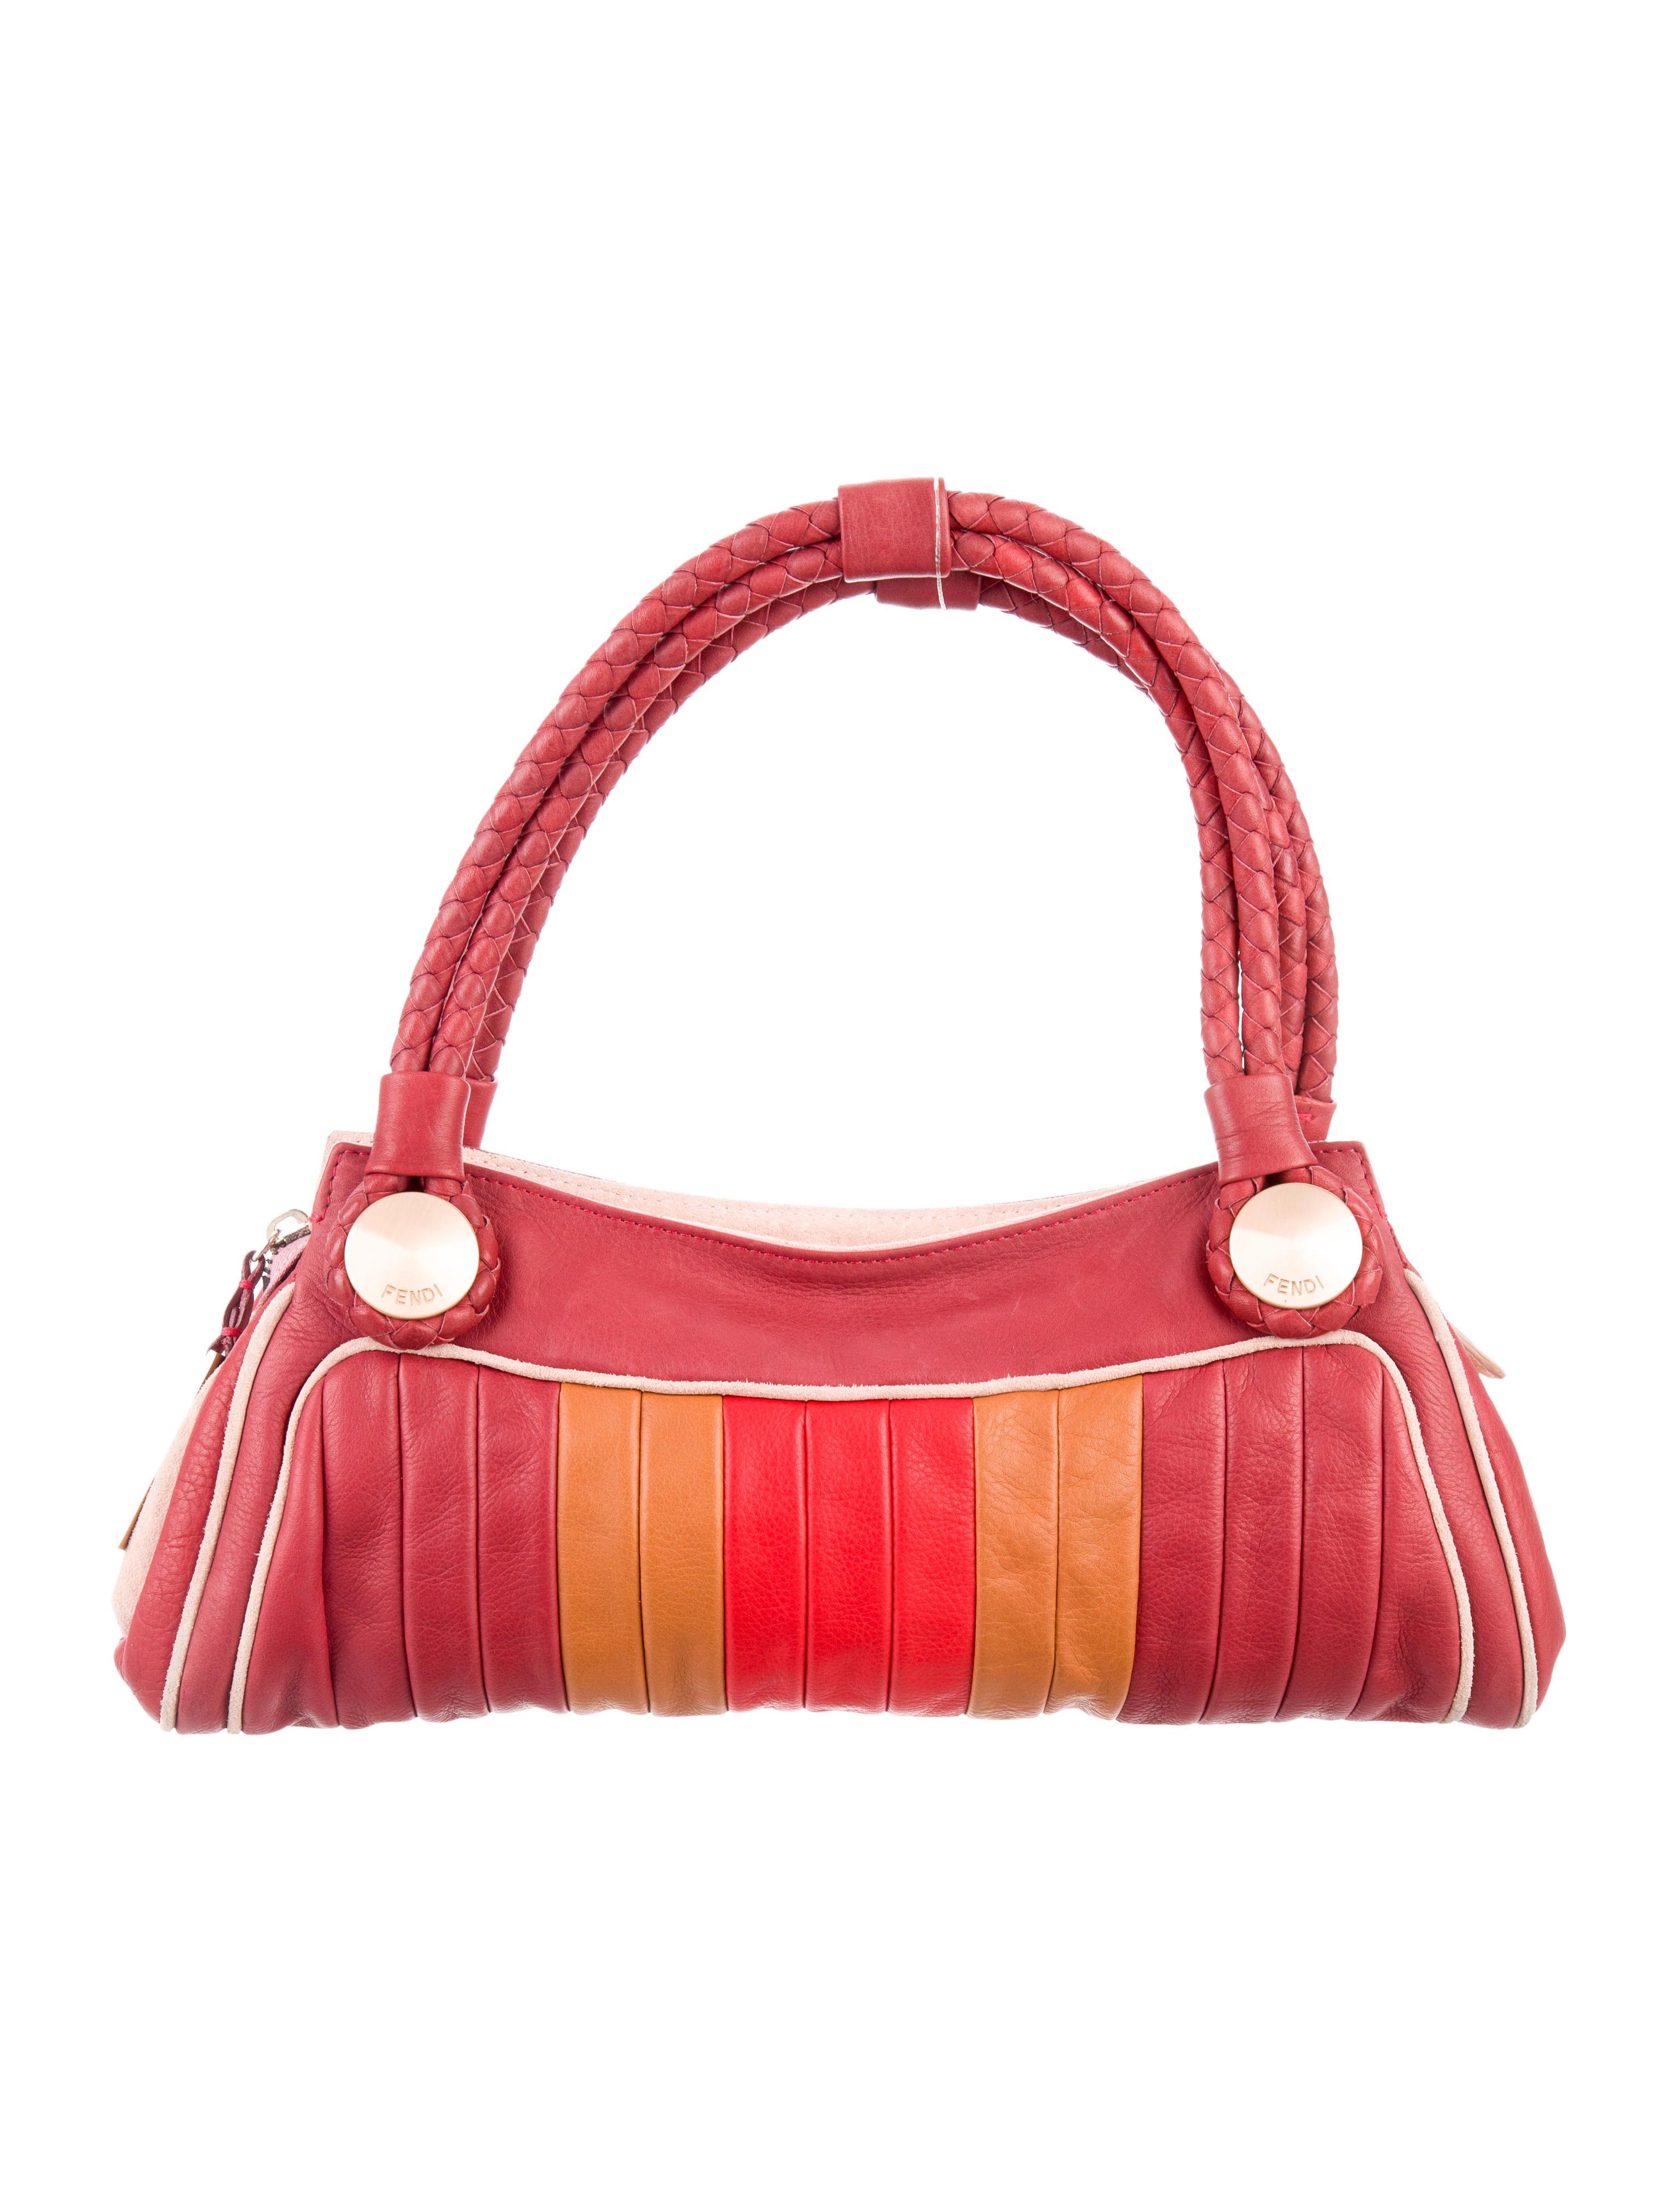 8d70c6128955 Fendi Colorblock Radio Bag - Handbags - FEN64487